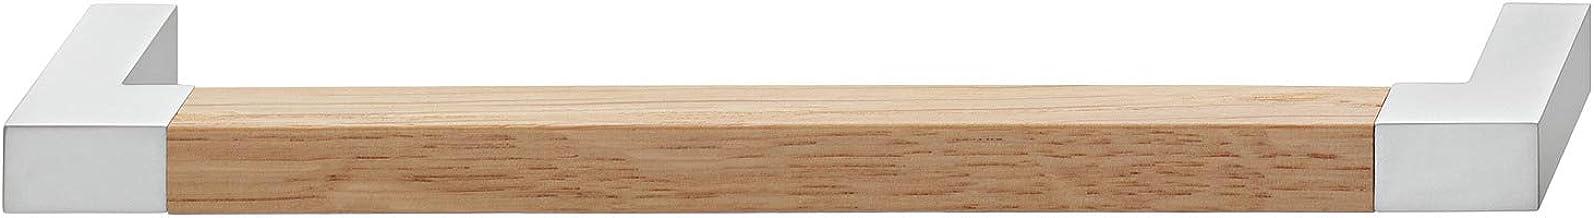 Gedotec Moderne ladegreep 128 mm meubelgreep keuken | WOODY | houten handvat eiken & metaal zilver | keukengreep voor kast...